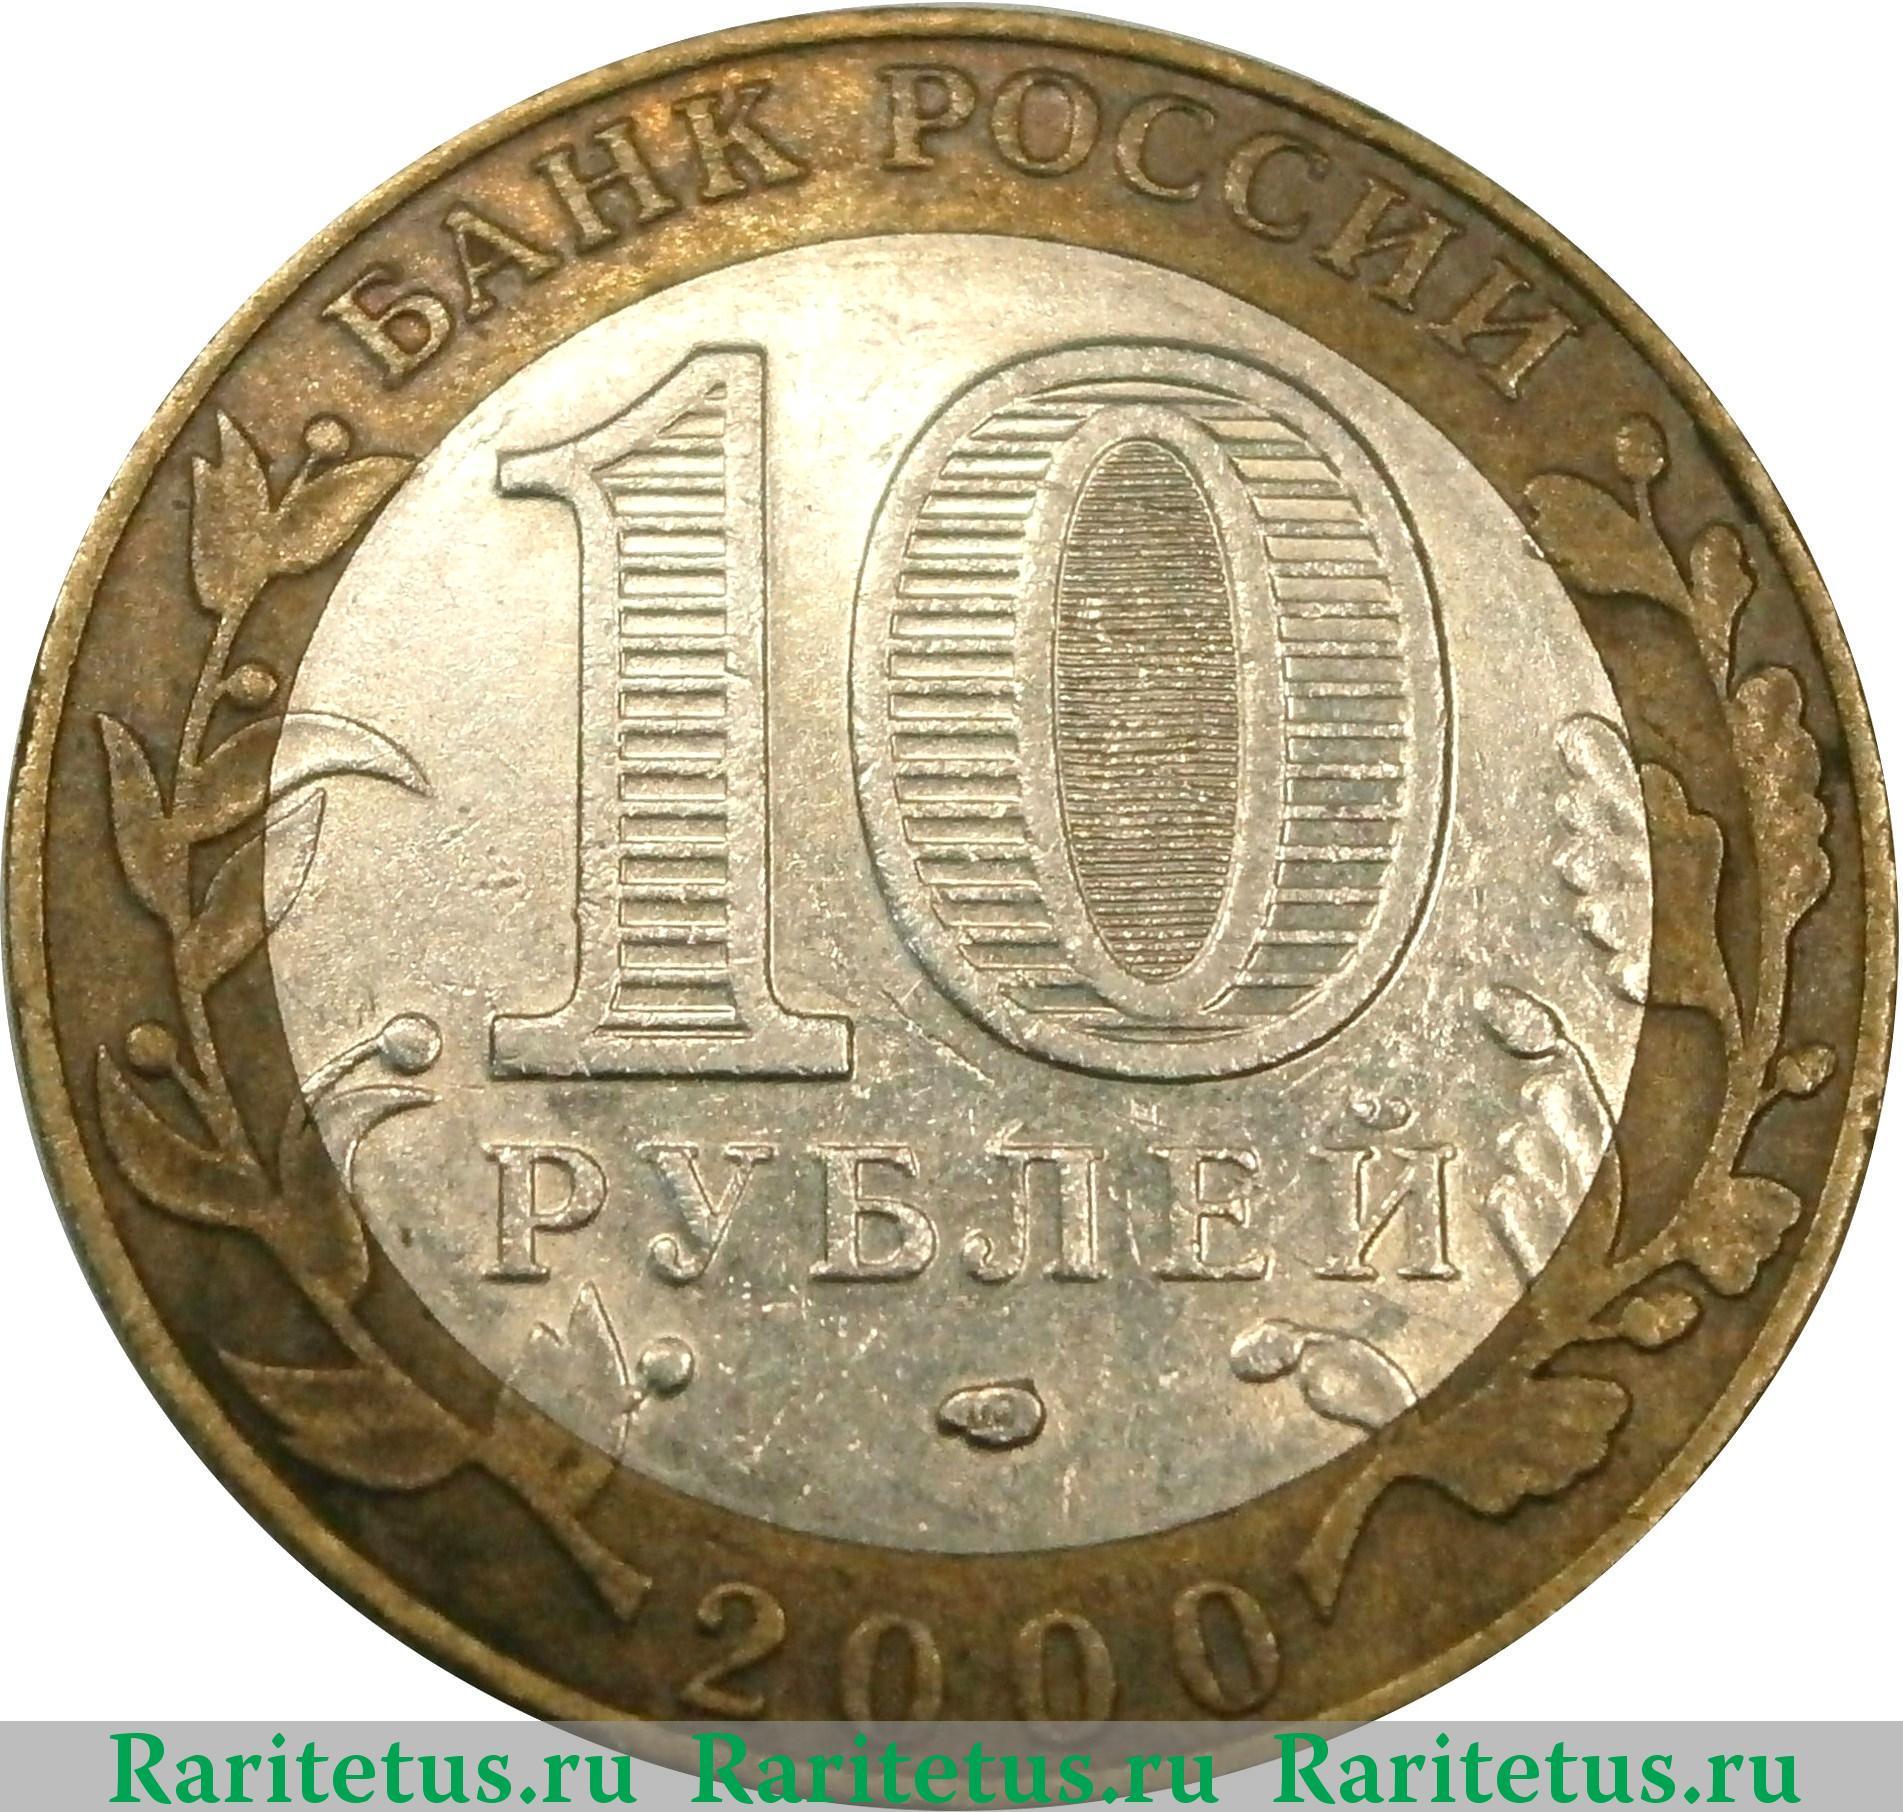 Цена 10 рублей политрук список самых ценных монет россии